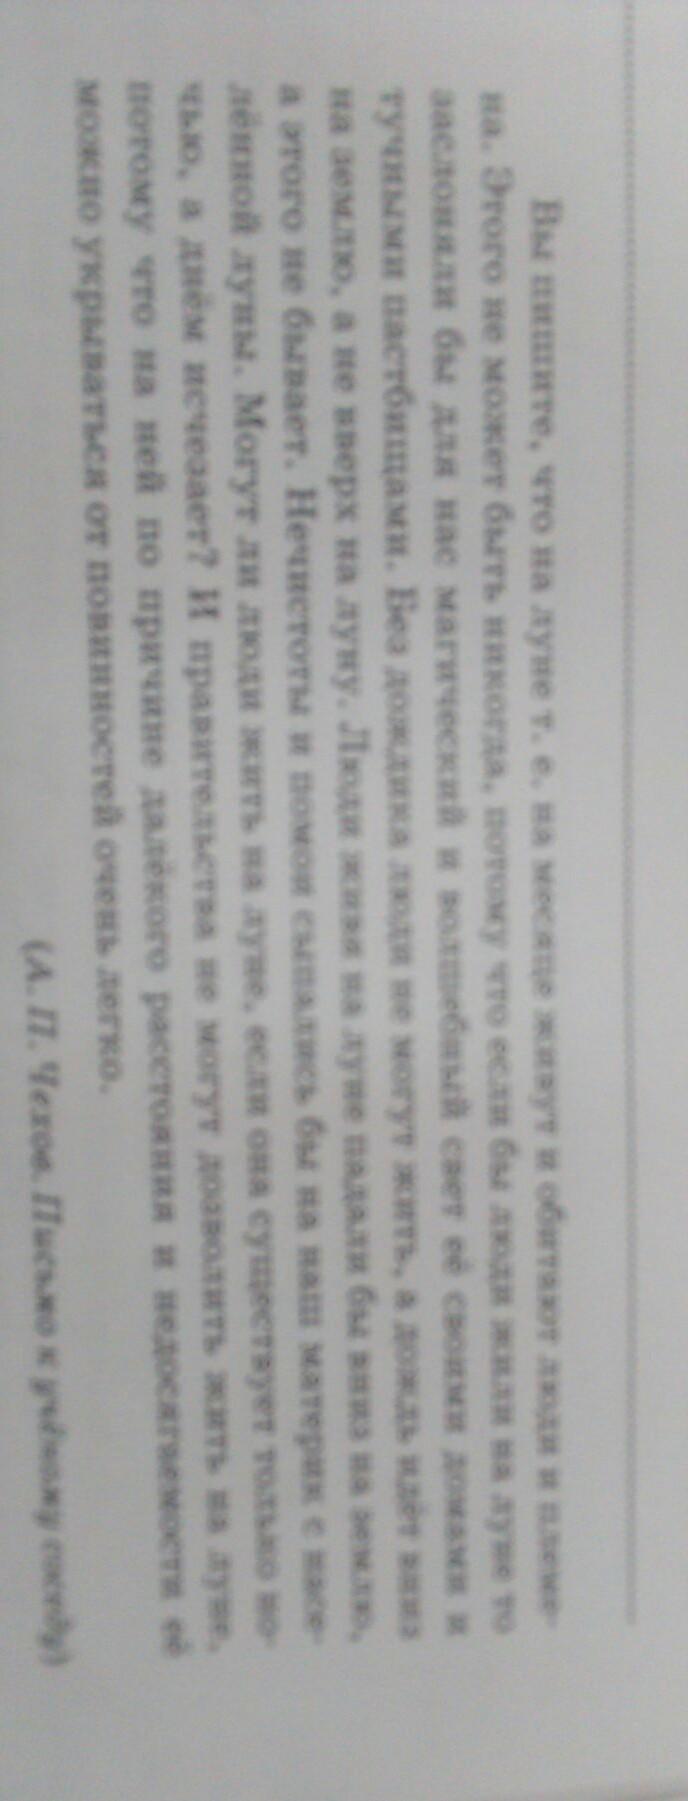 прочитайте данный отрывок найдите и запишите тезис  1 прочитайте данный отрывок найдите и запишите тезис